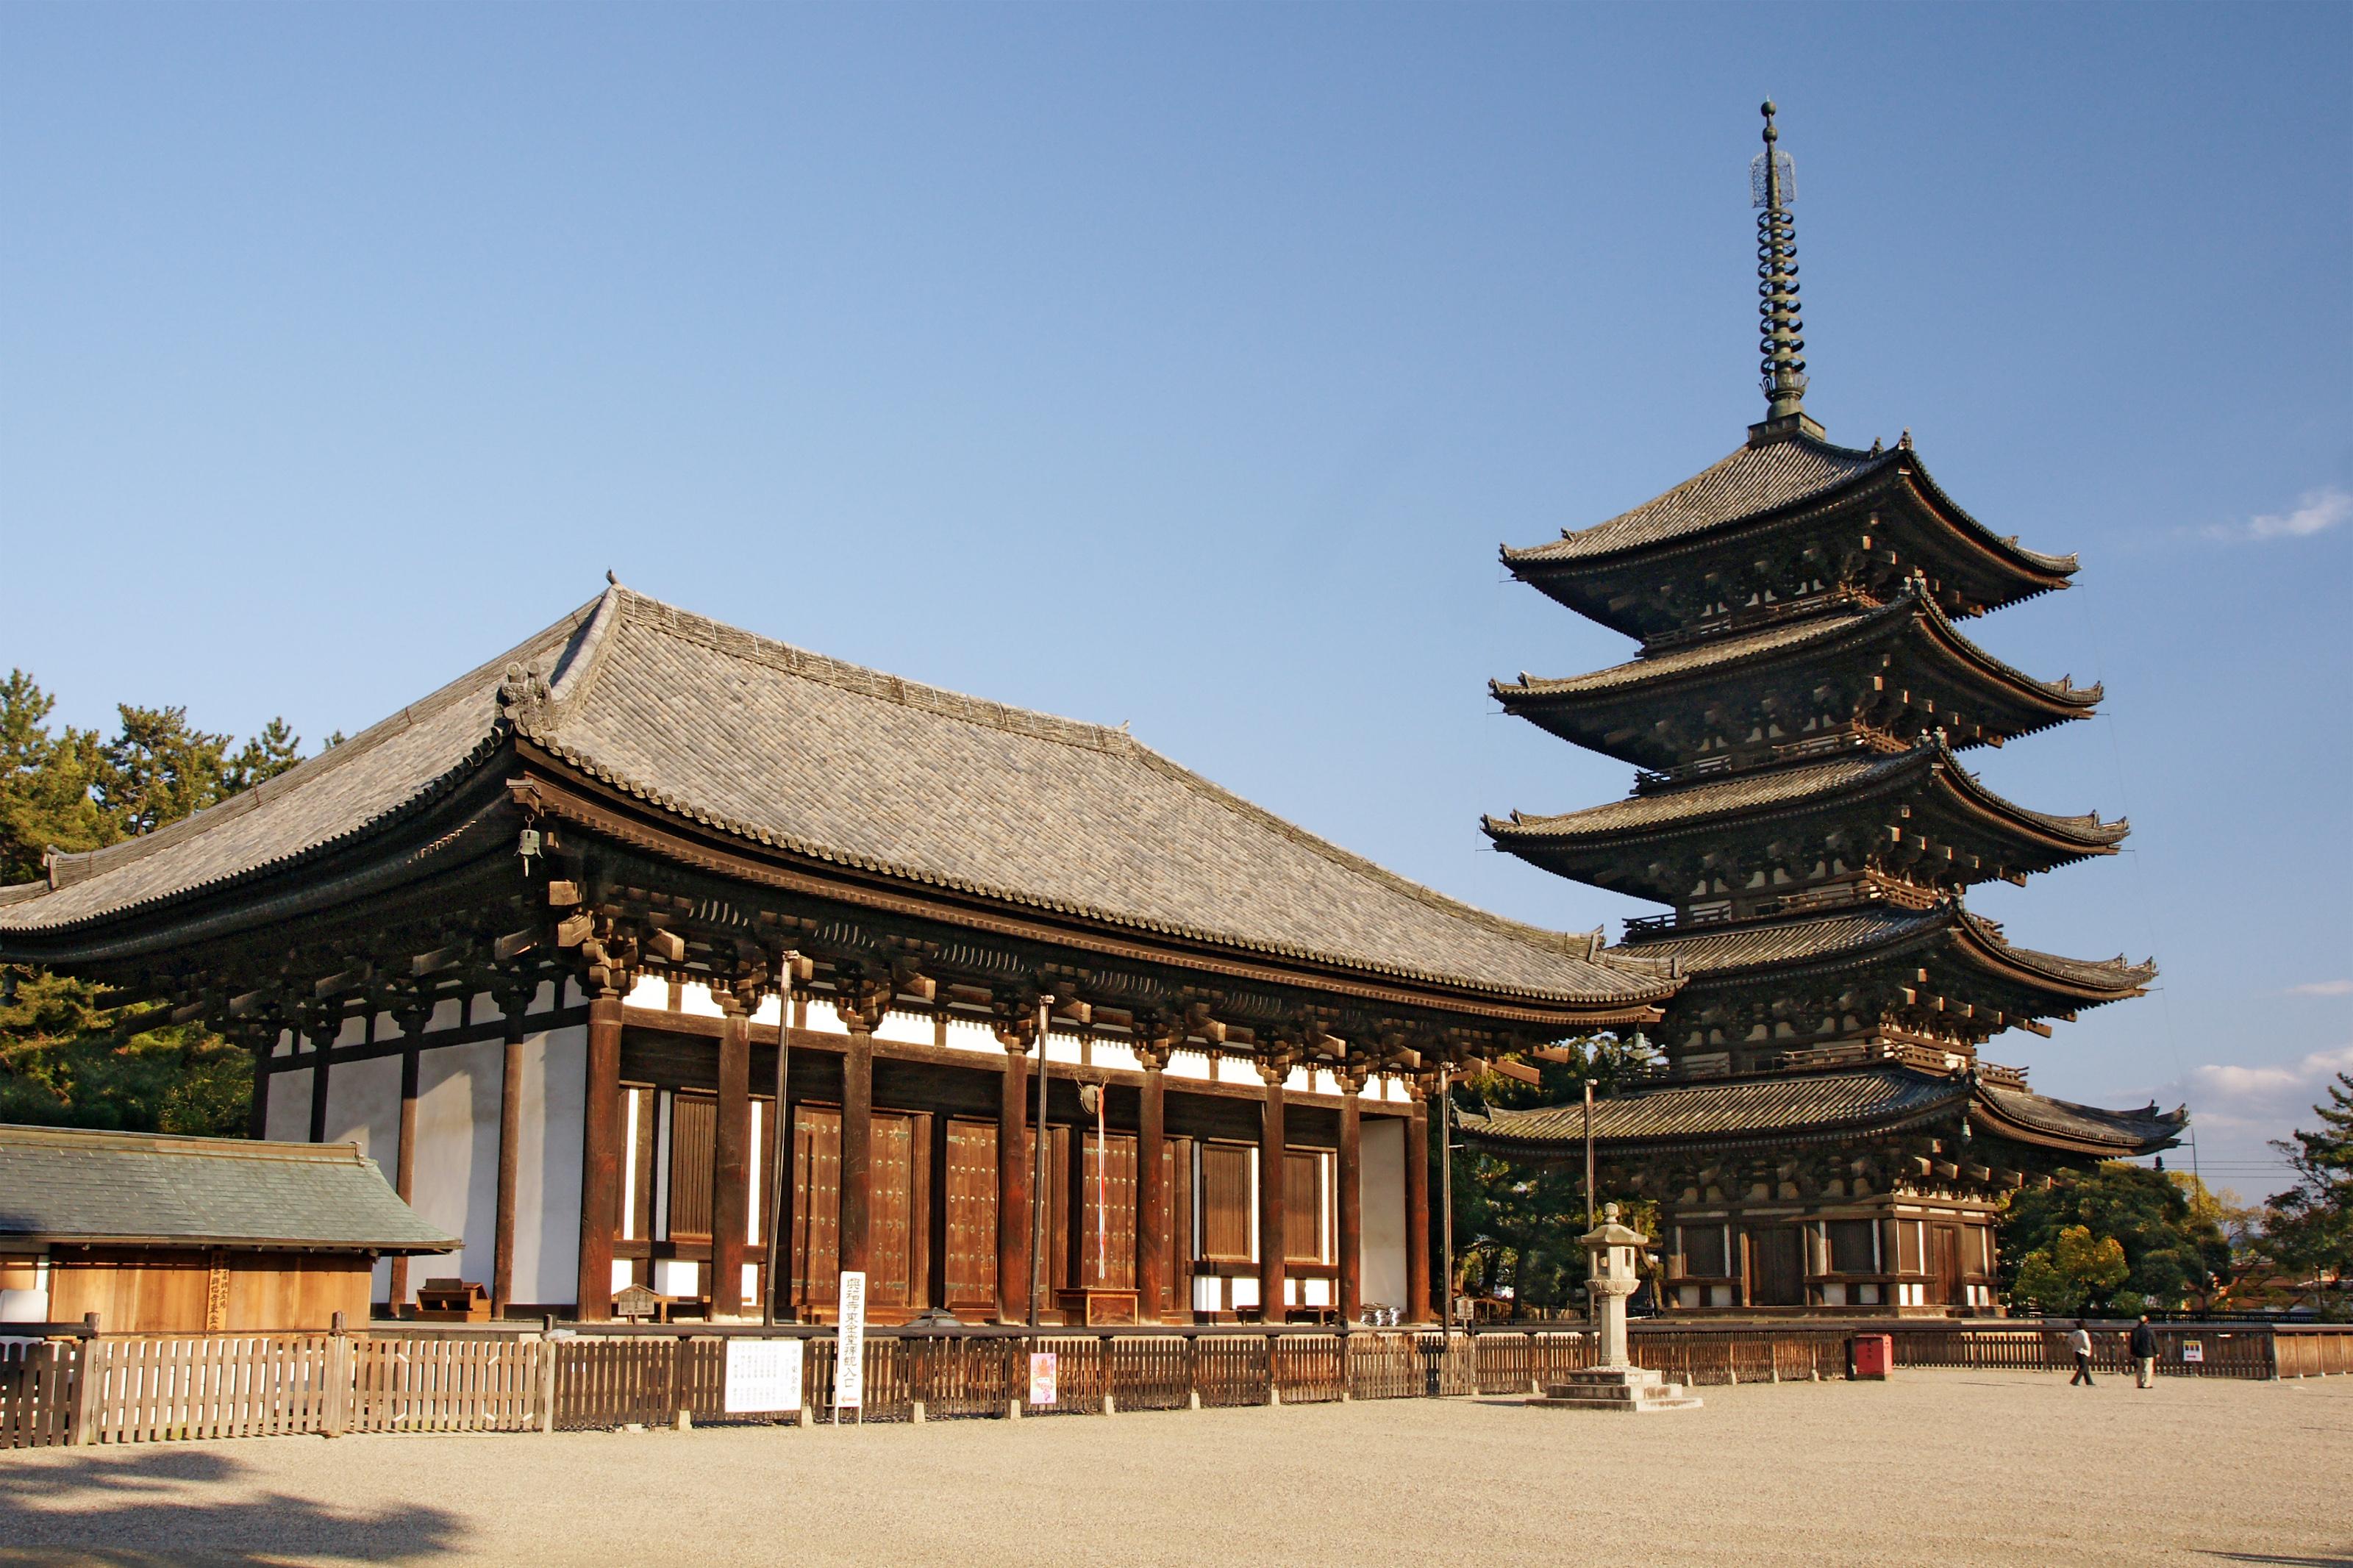 奈良の温泉宿泊施設ランキングTOP11!おすすめの宿をご紹介